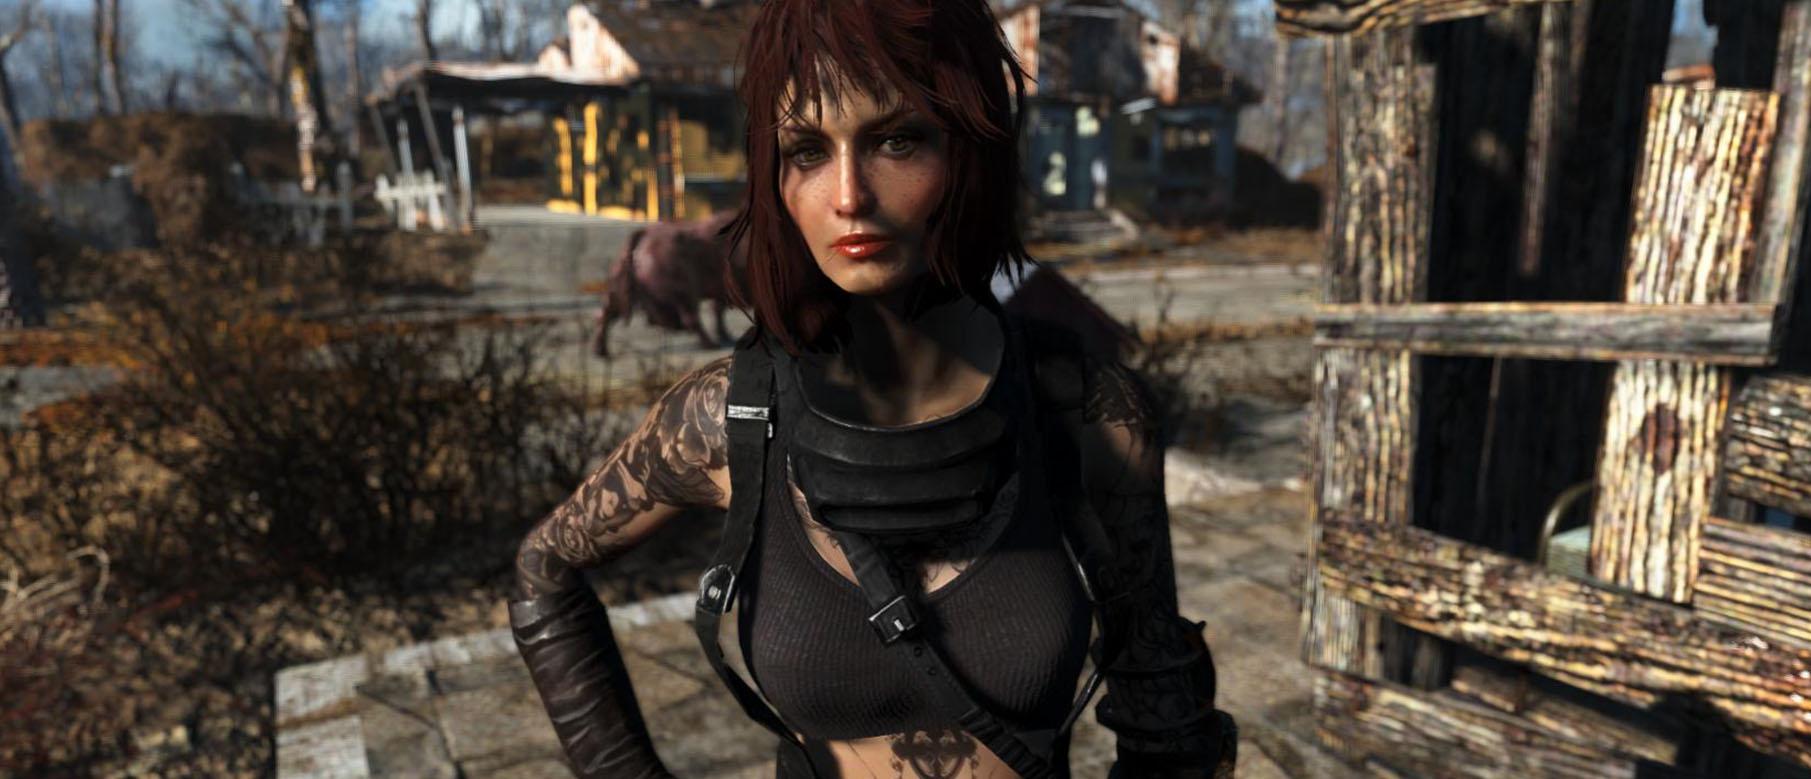 Fallout cait sex mod nude tube